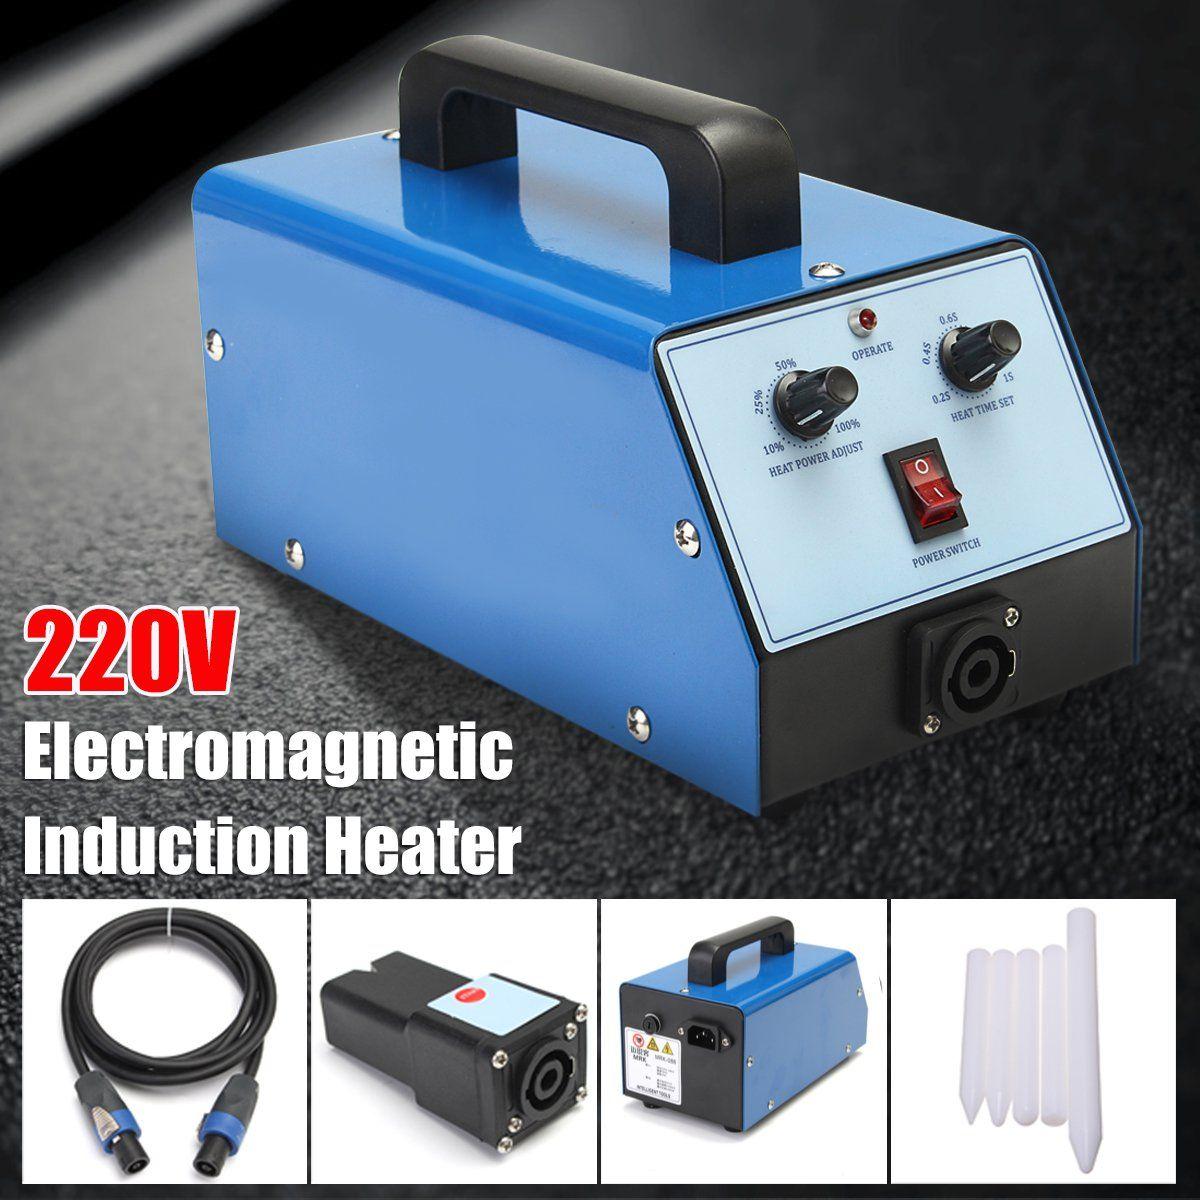 220 v 1100 watt Blau Auto Ausbeulen ohne Reparatur Entferner PDR Induktion Heizung Heißer Box Elektromagnetische Induktion Heizung Für Reparatur werkzeug